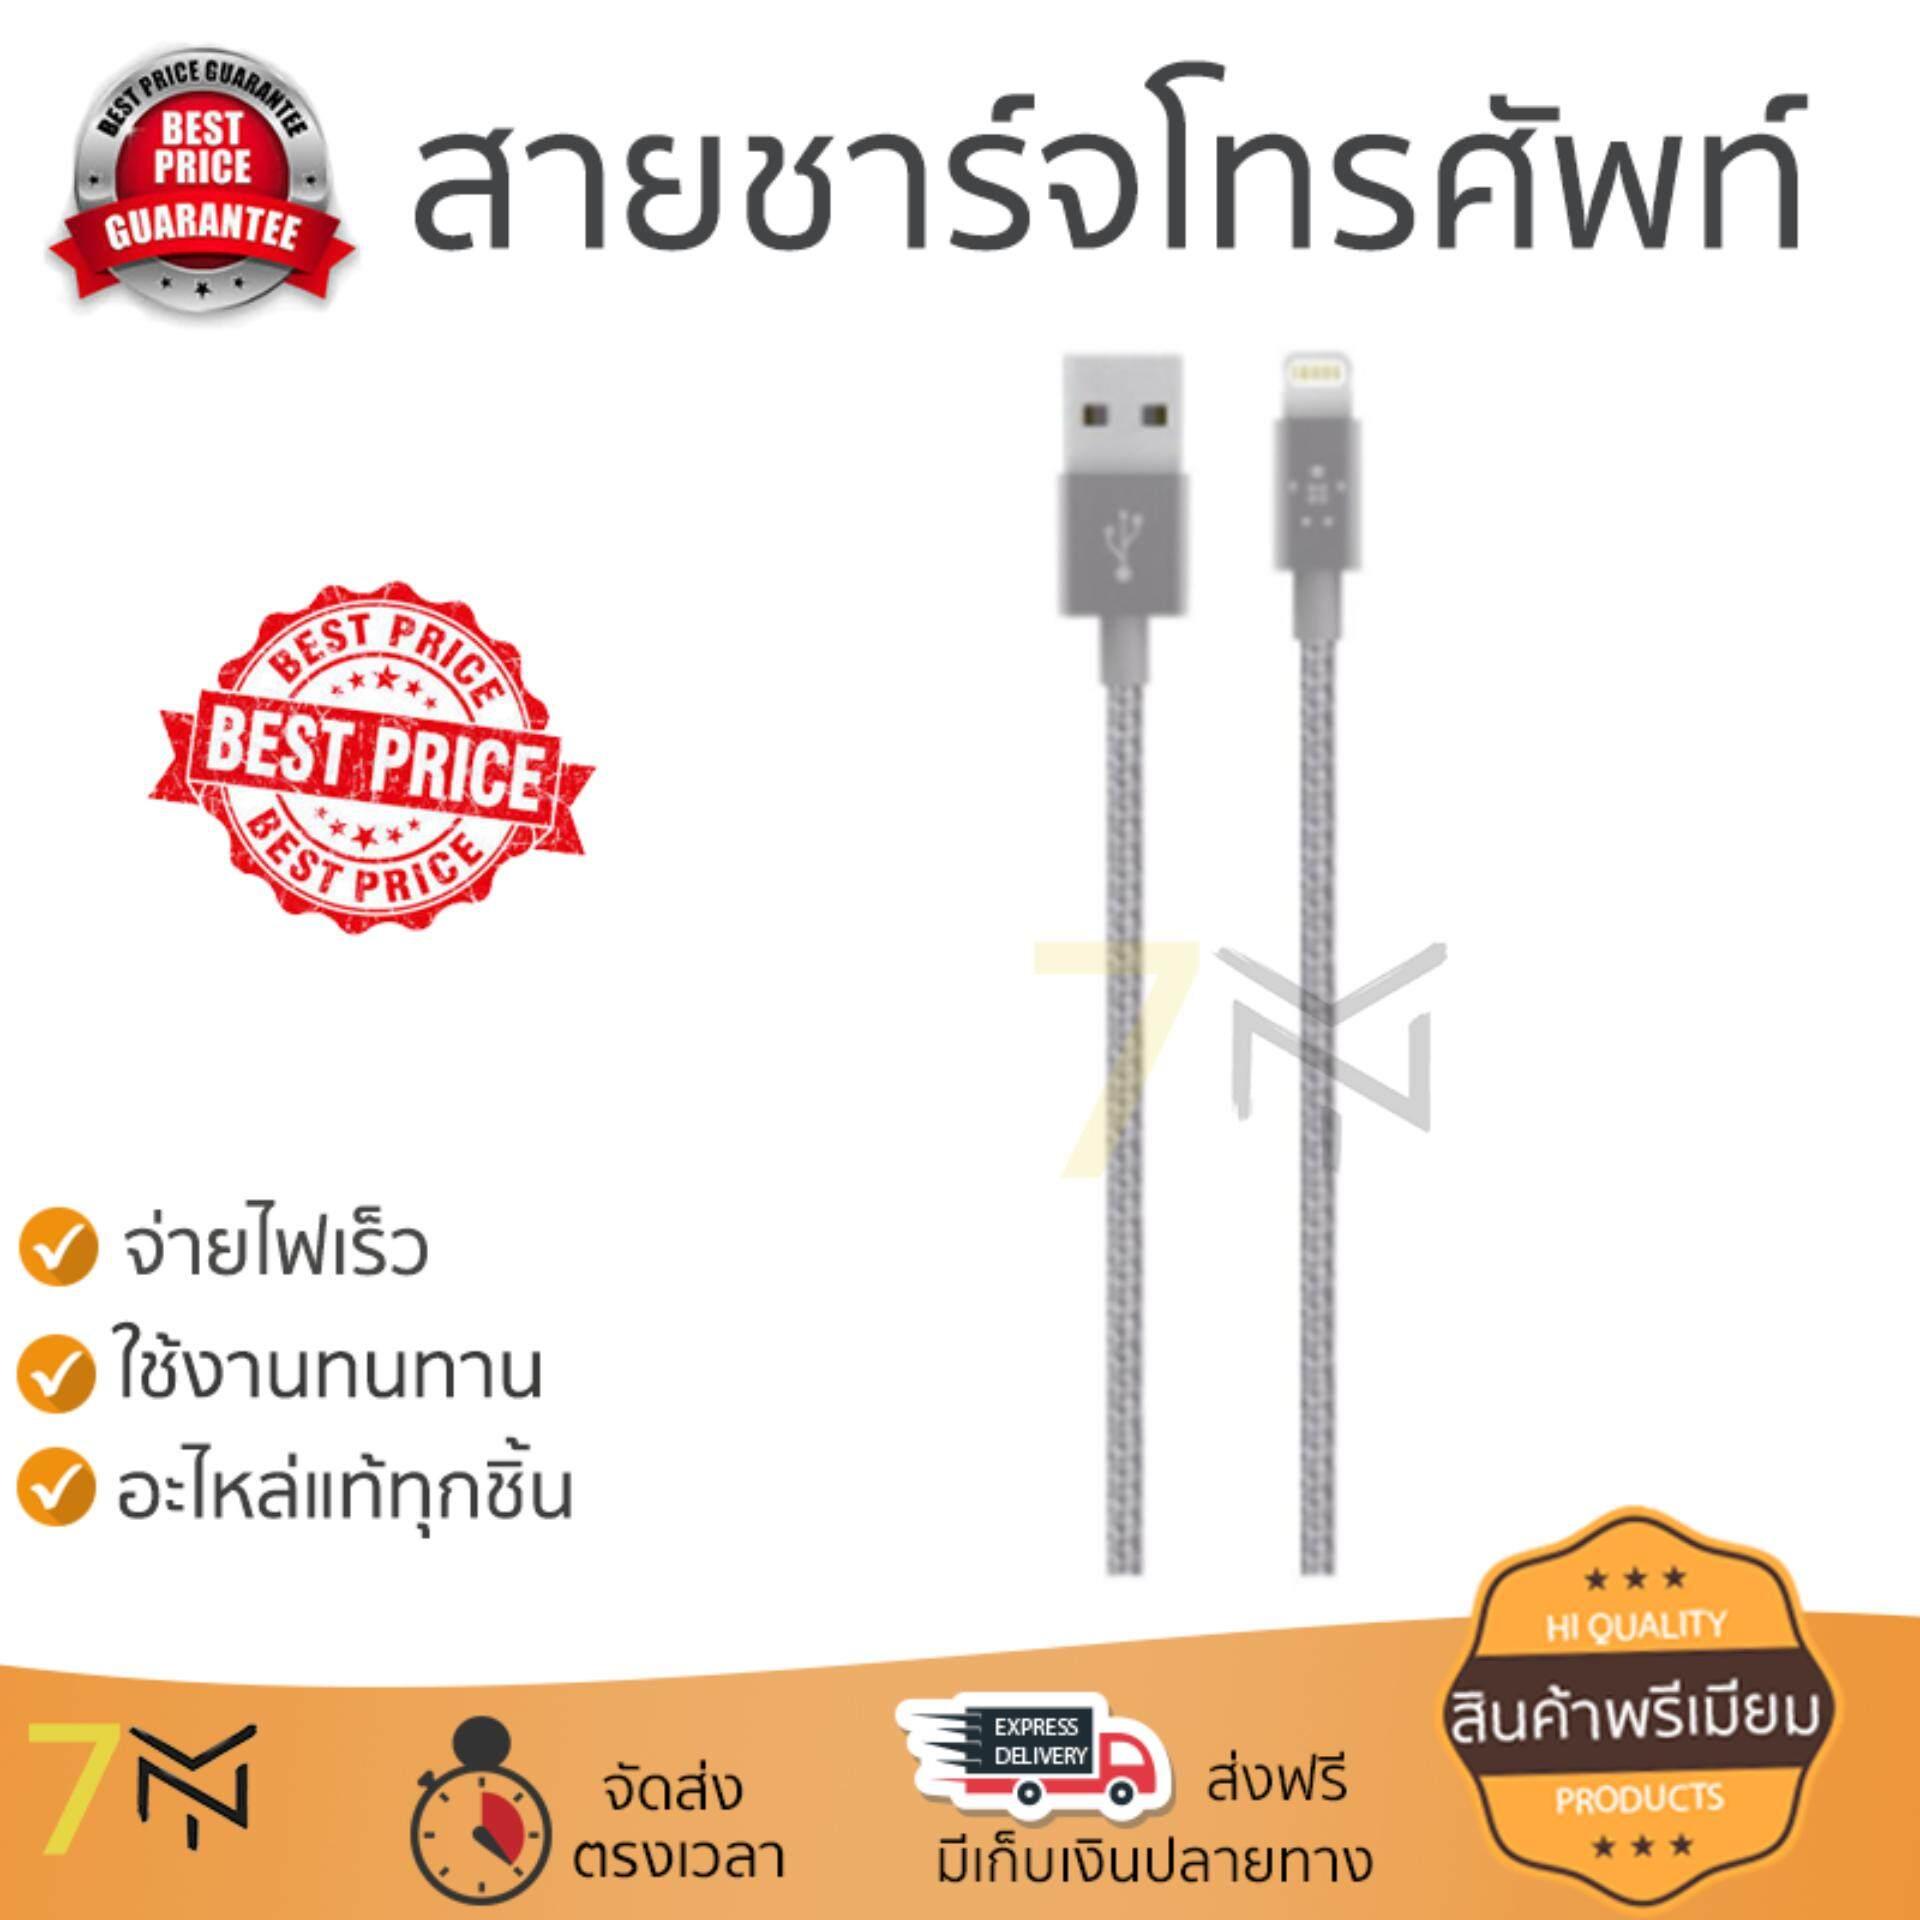 ราคาพิเศษ รุ่นยอดนิยม สายชาร์จโทรศัพท์ Belkin MixIT Metallic Lightning Cable 1.2M. Gray (F8J144bt04-SLV) สายชาร์จทนทาน แข็งแรง จ่ายไฟเร็ว Mobile Cable จัดส่งฟรี Kerry ทั่วประเทศ